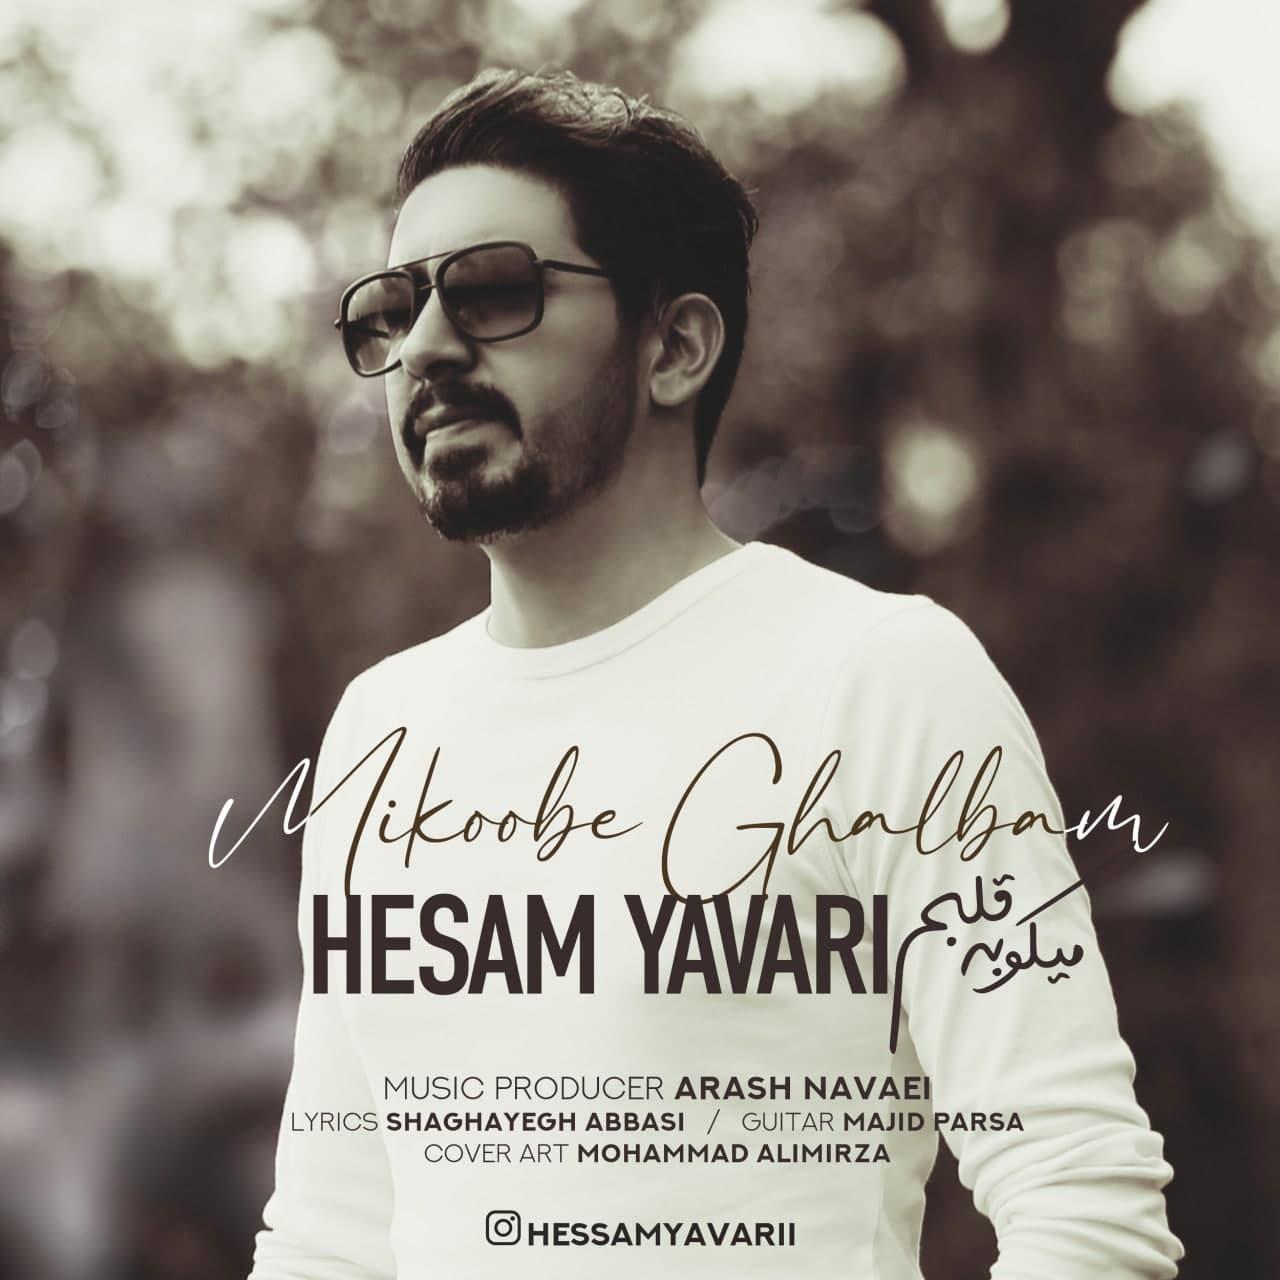 دانلود آهنگ میکوبه قلبم از حسام یاوری